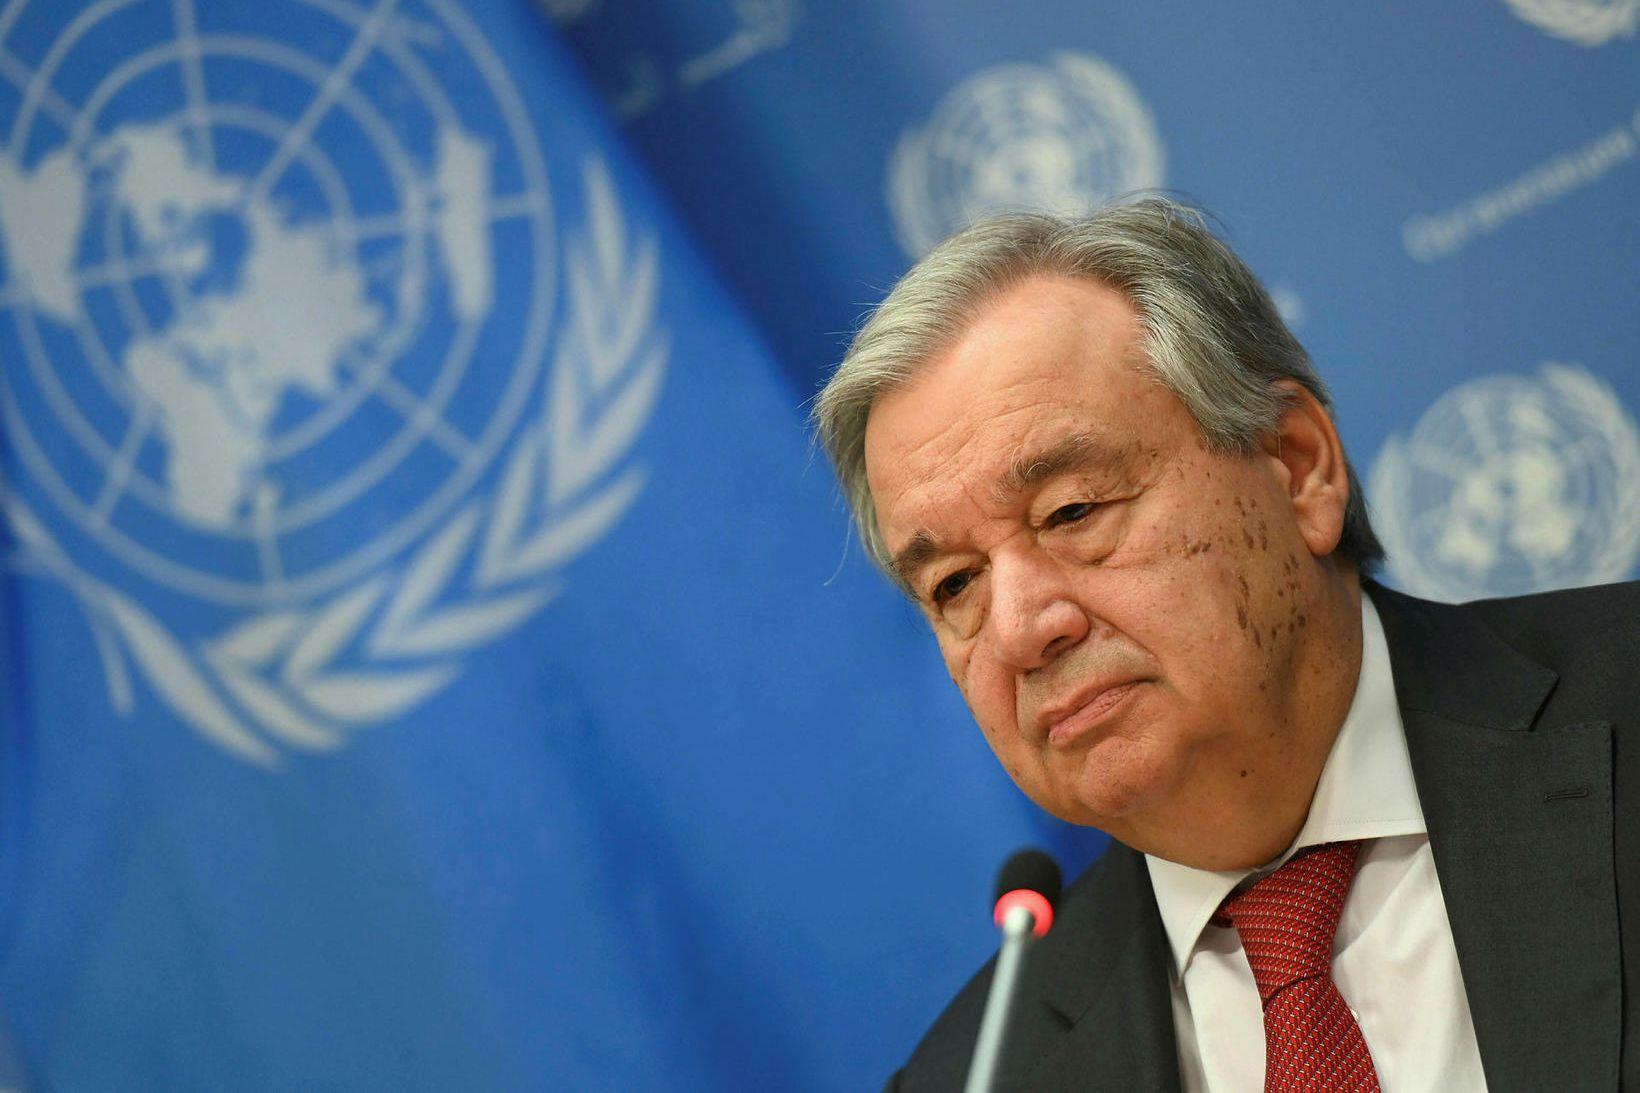 António Guterres, aðalframkvæmdastjóri Sameinuðu þjóðanna.